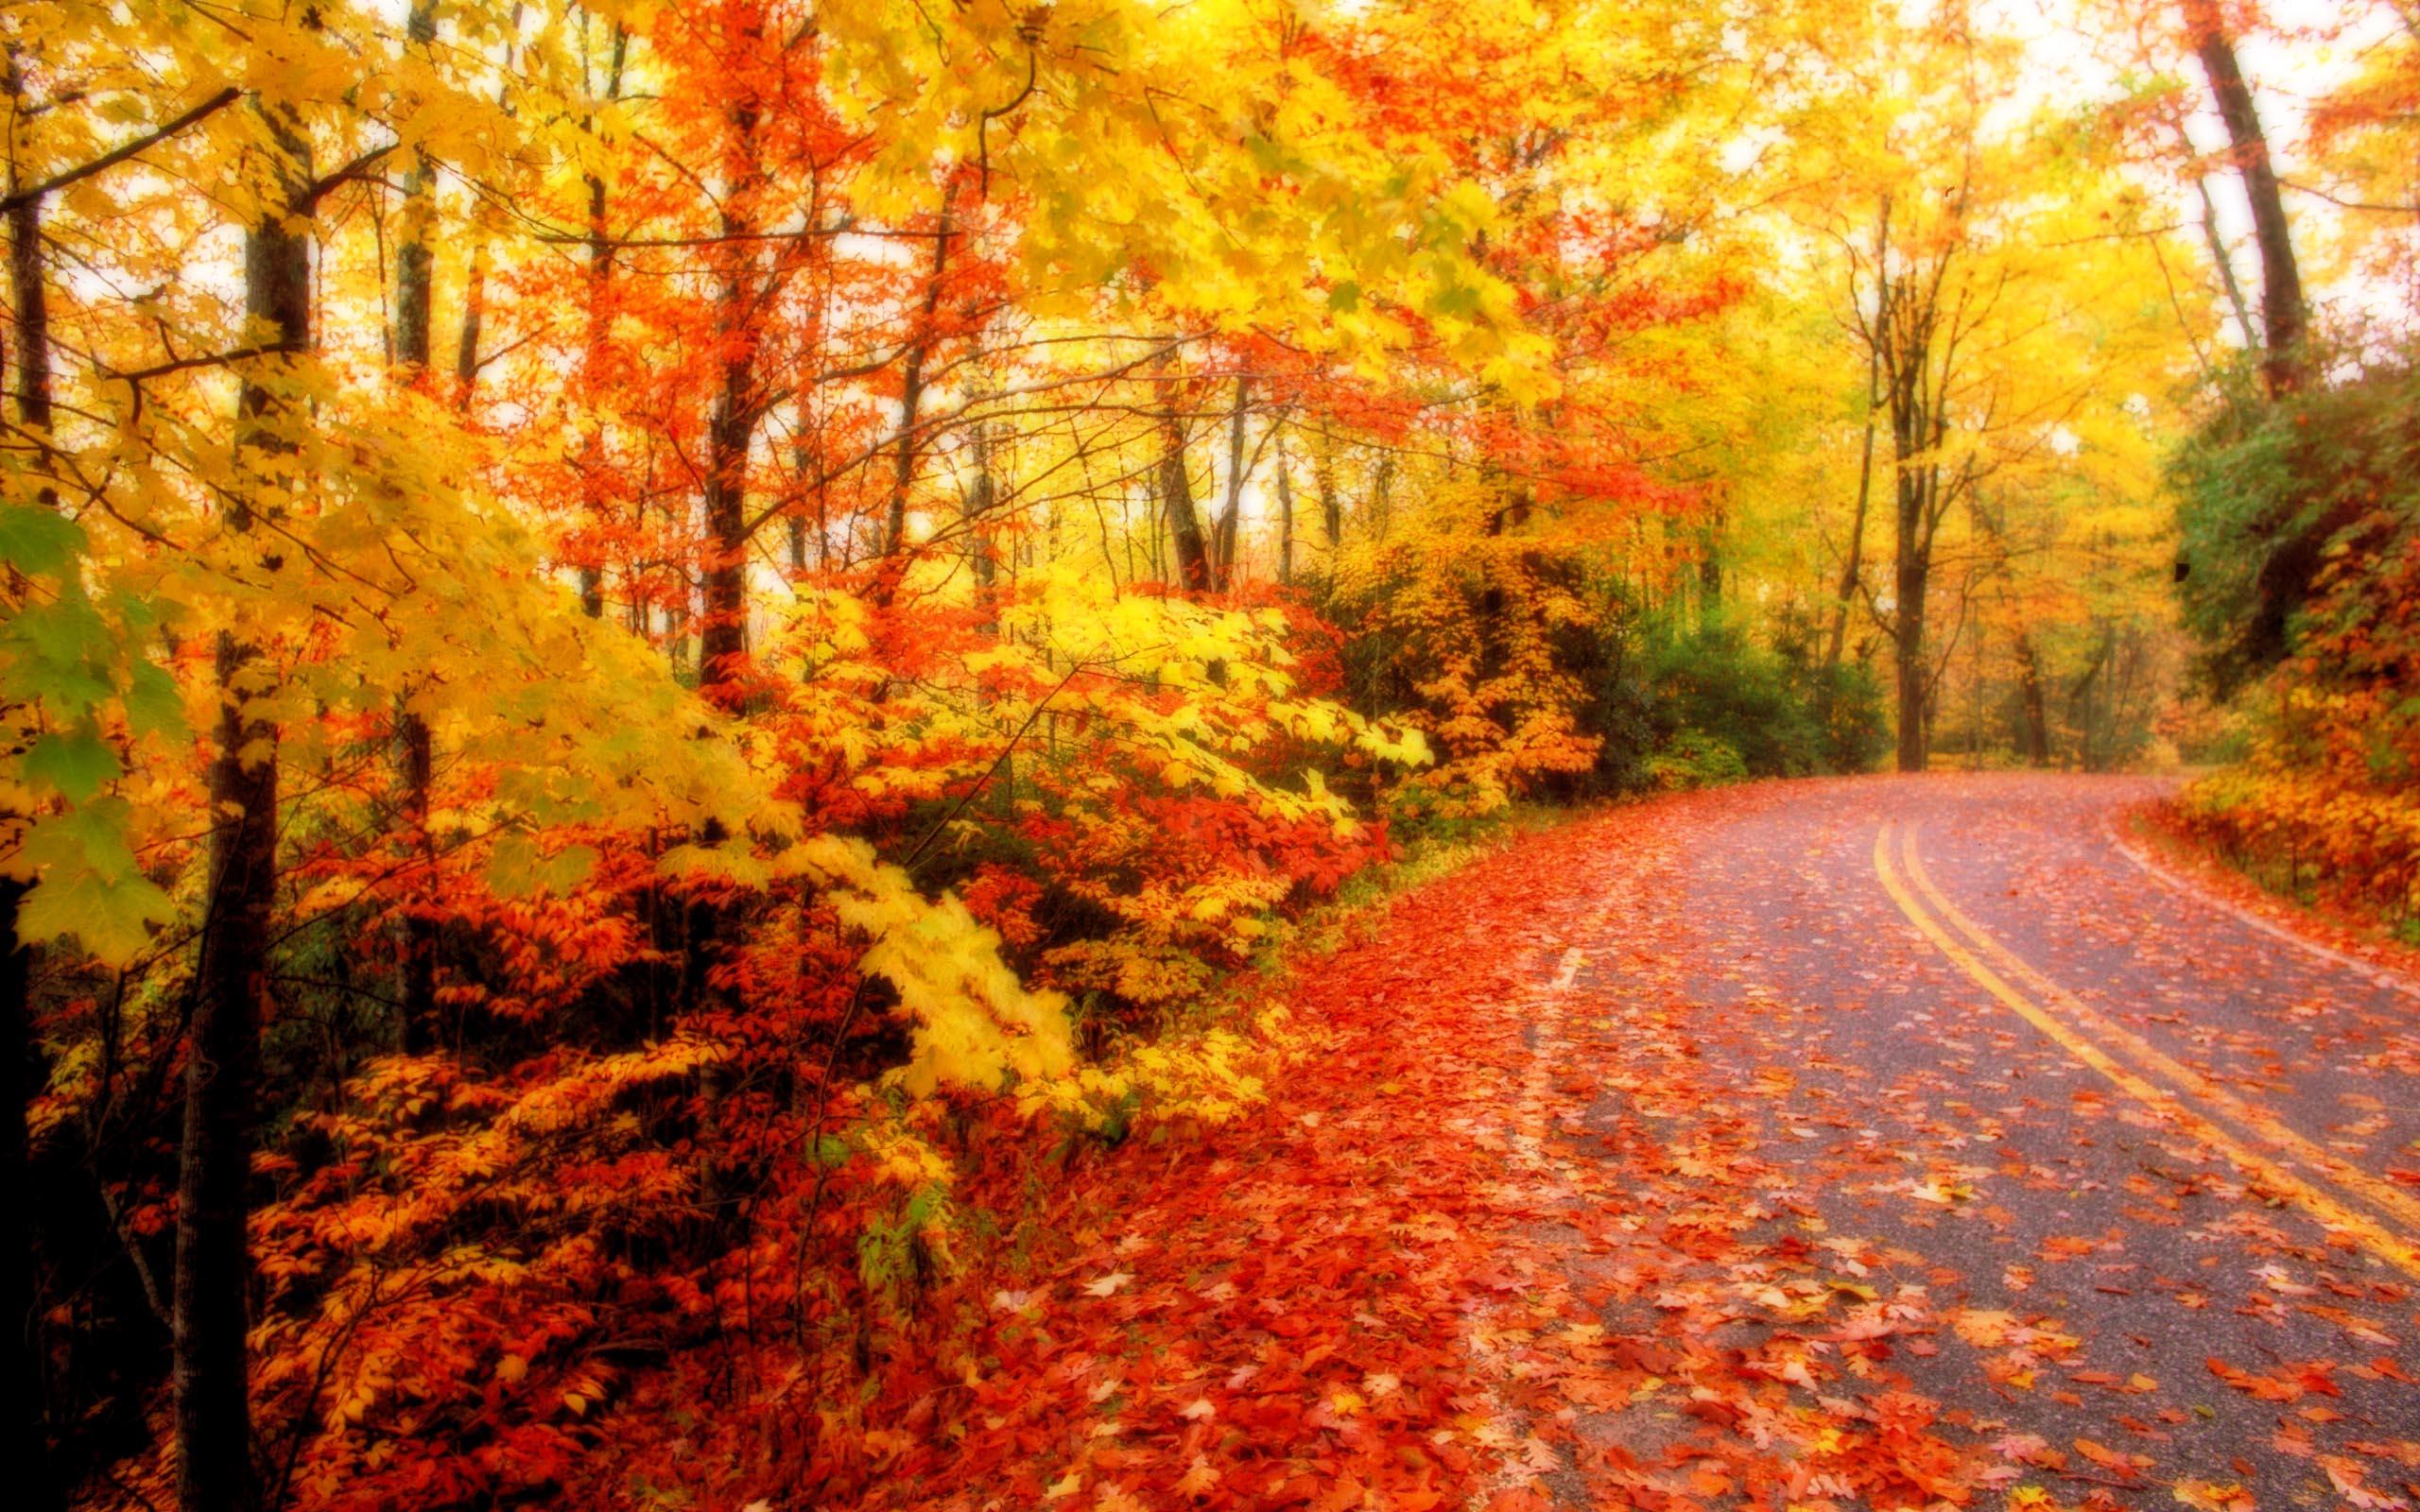 autumn wallpaper road aa